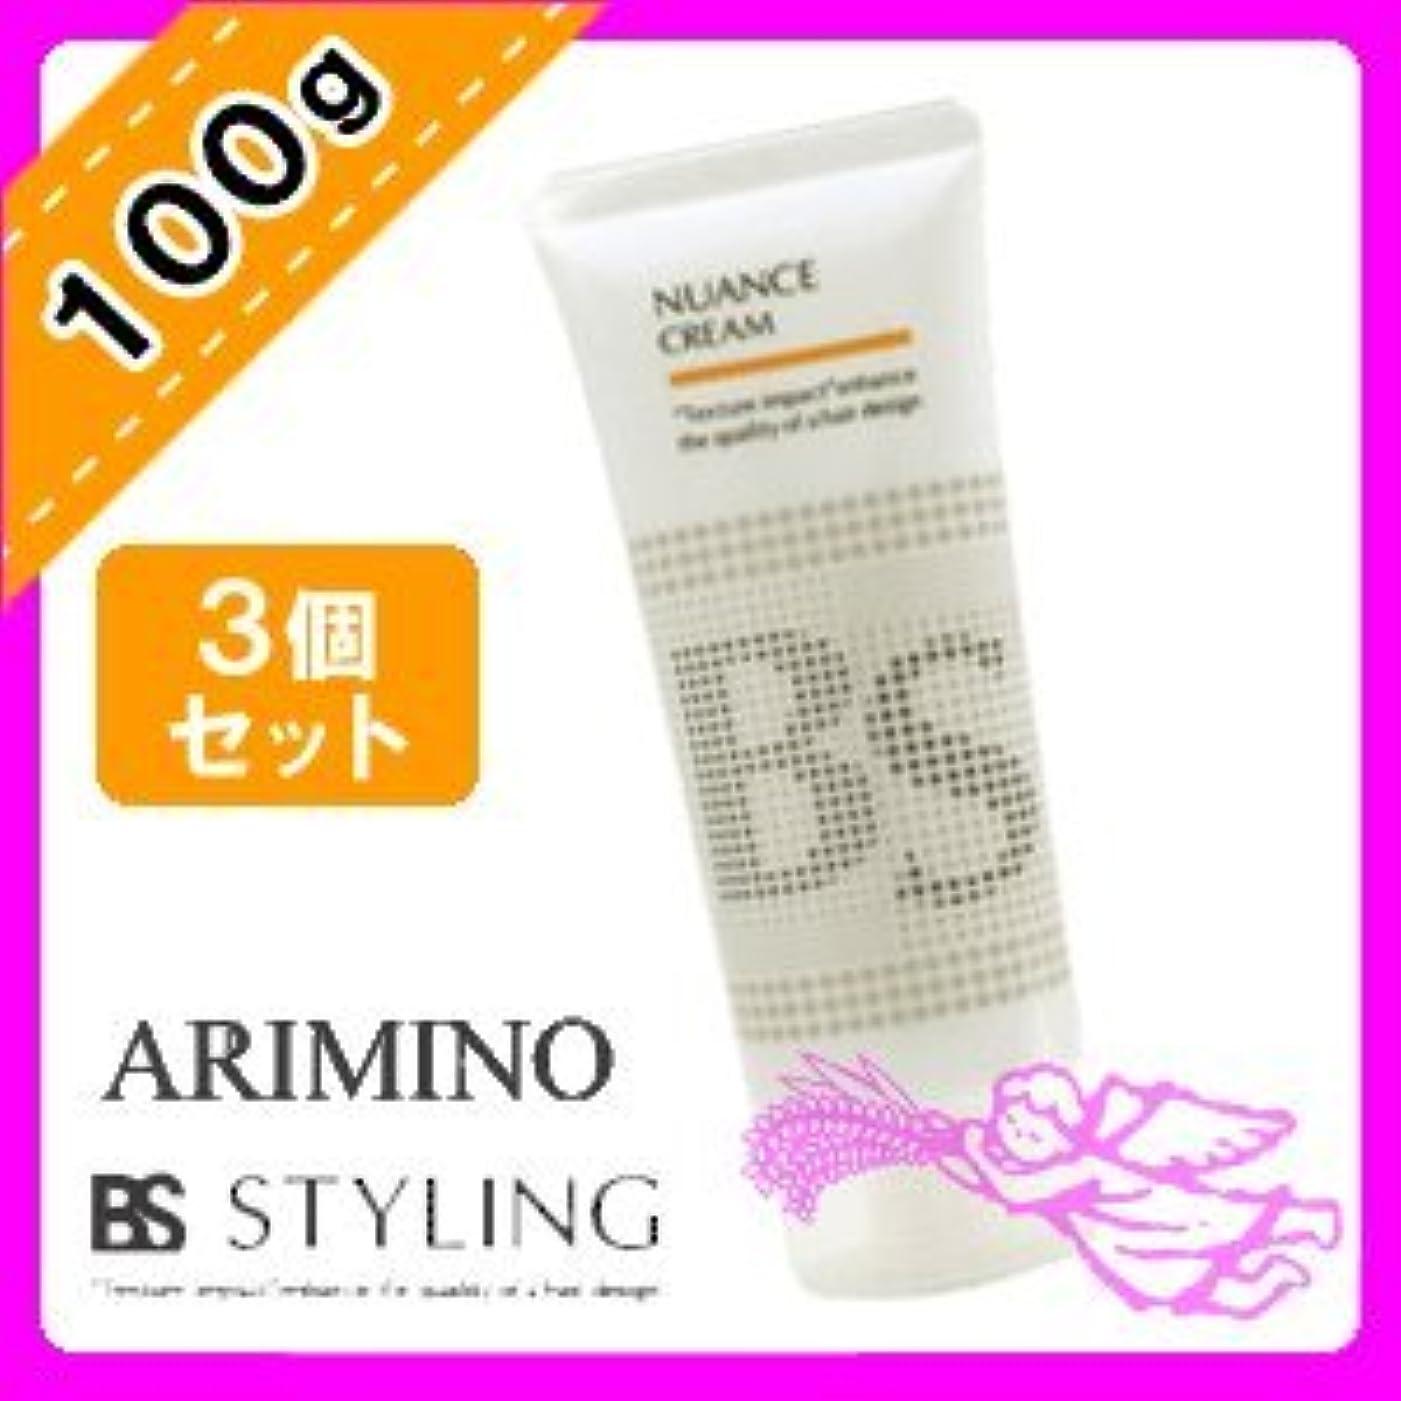 分子多年生広々としたアリミノ BSスタイリング ニュアンス クリーム 100g x 3個 セット arimino BS STYLING